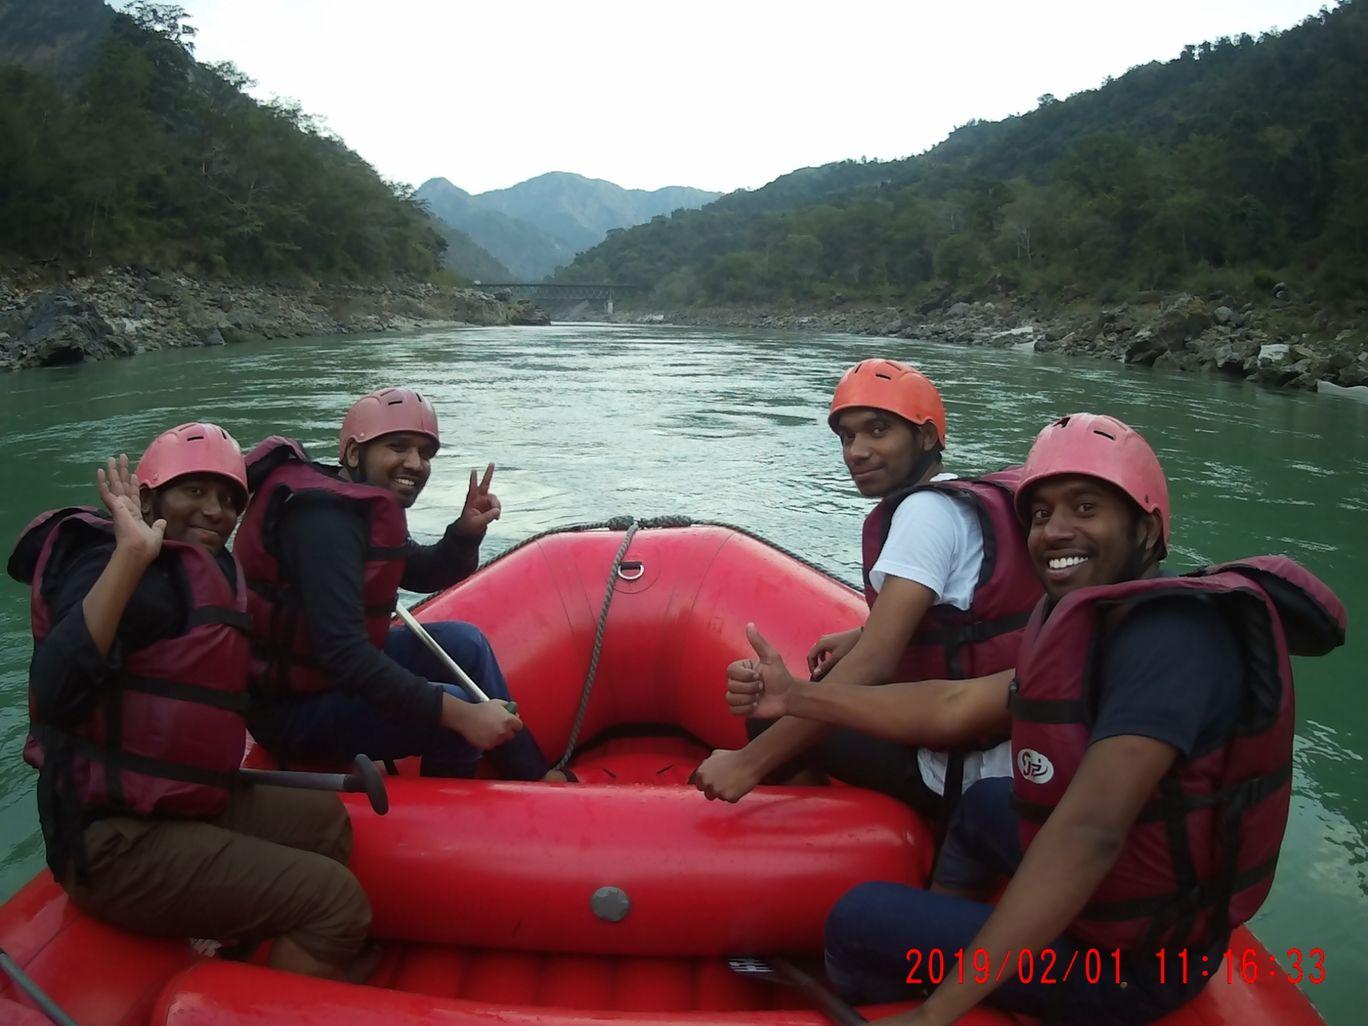 Photo of Rishikesh River Rafting By Kothapalli BhuvanaChandra